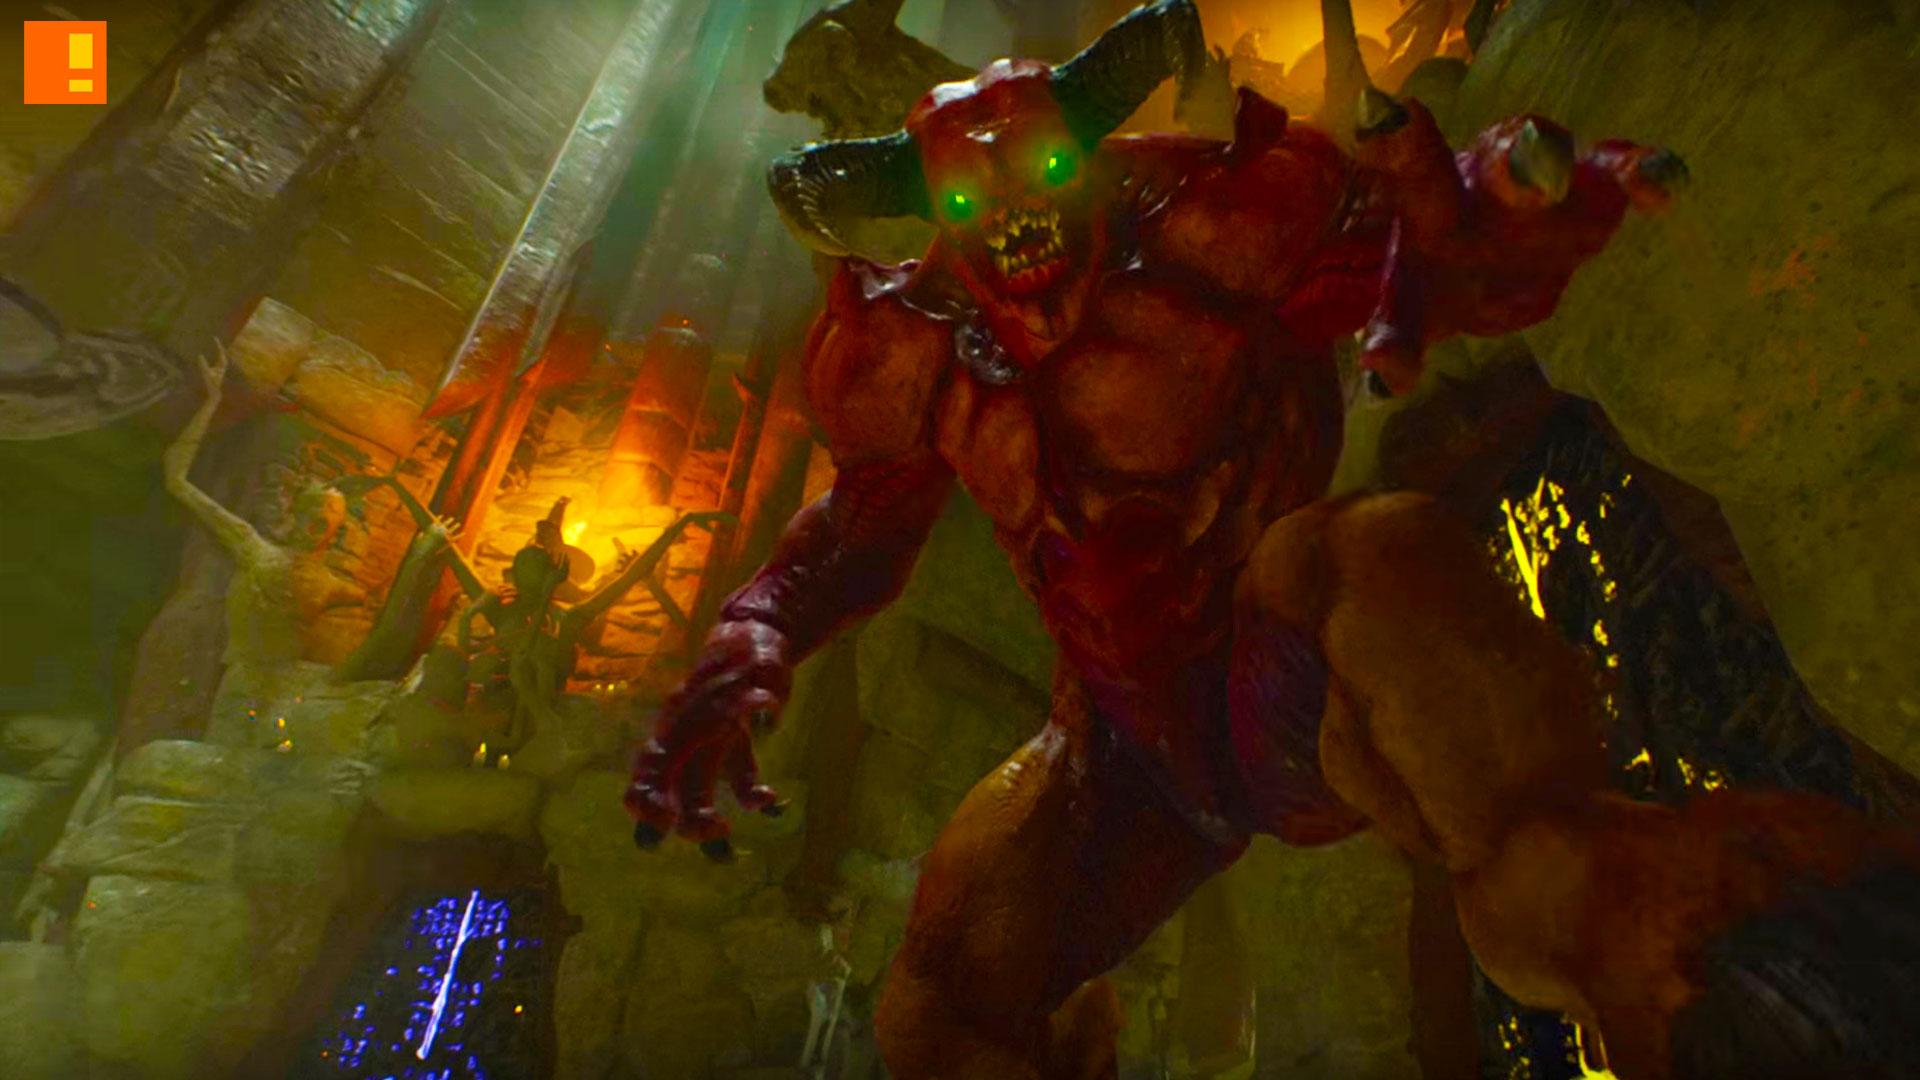 PC games 5 years ago: Doom 4 is not Doom 4